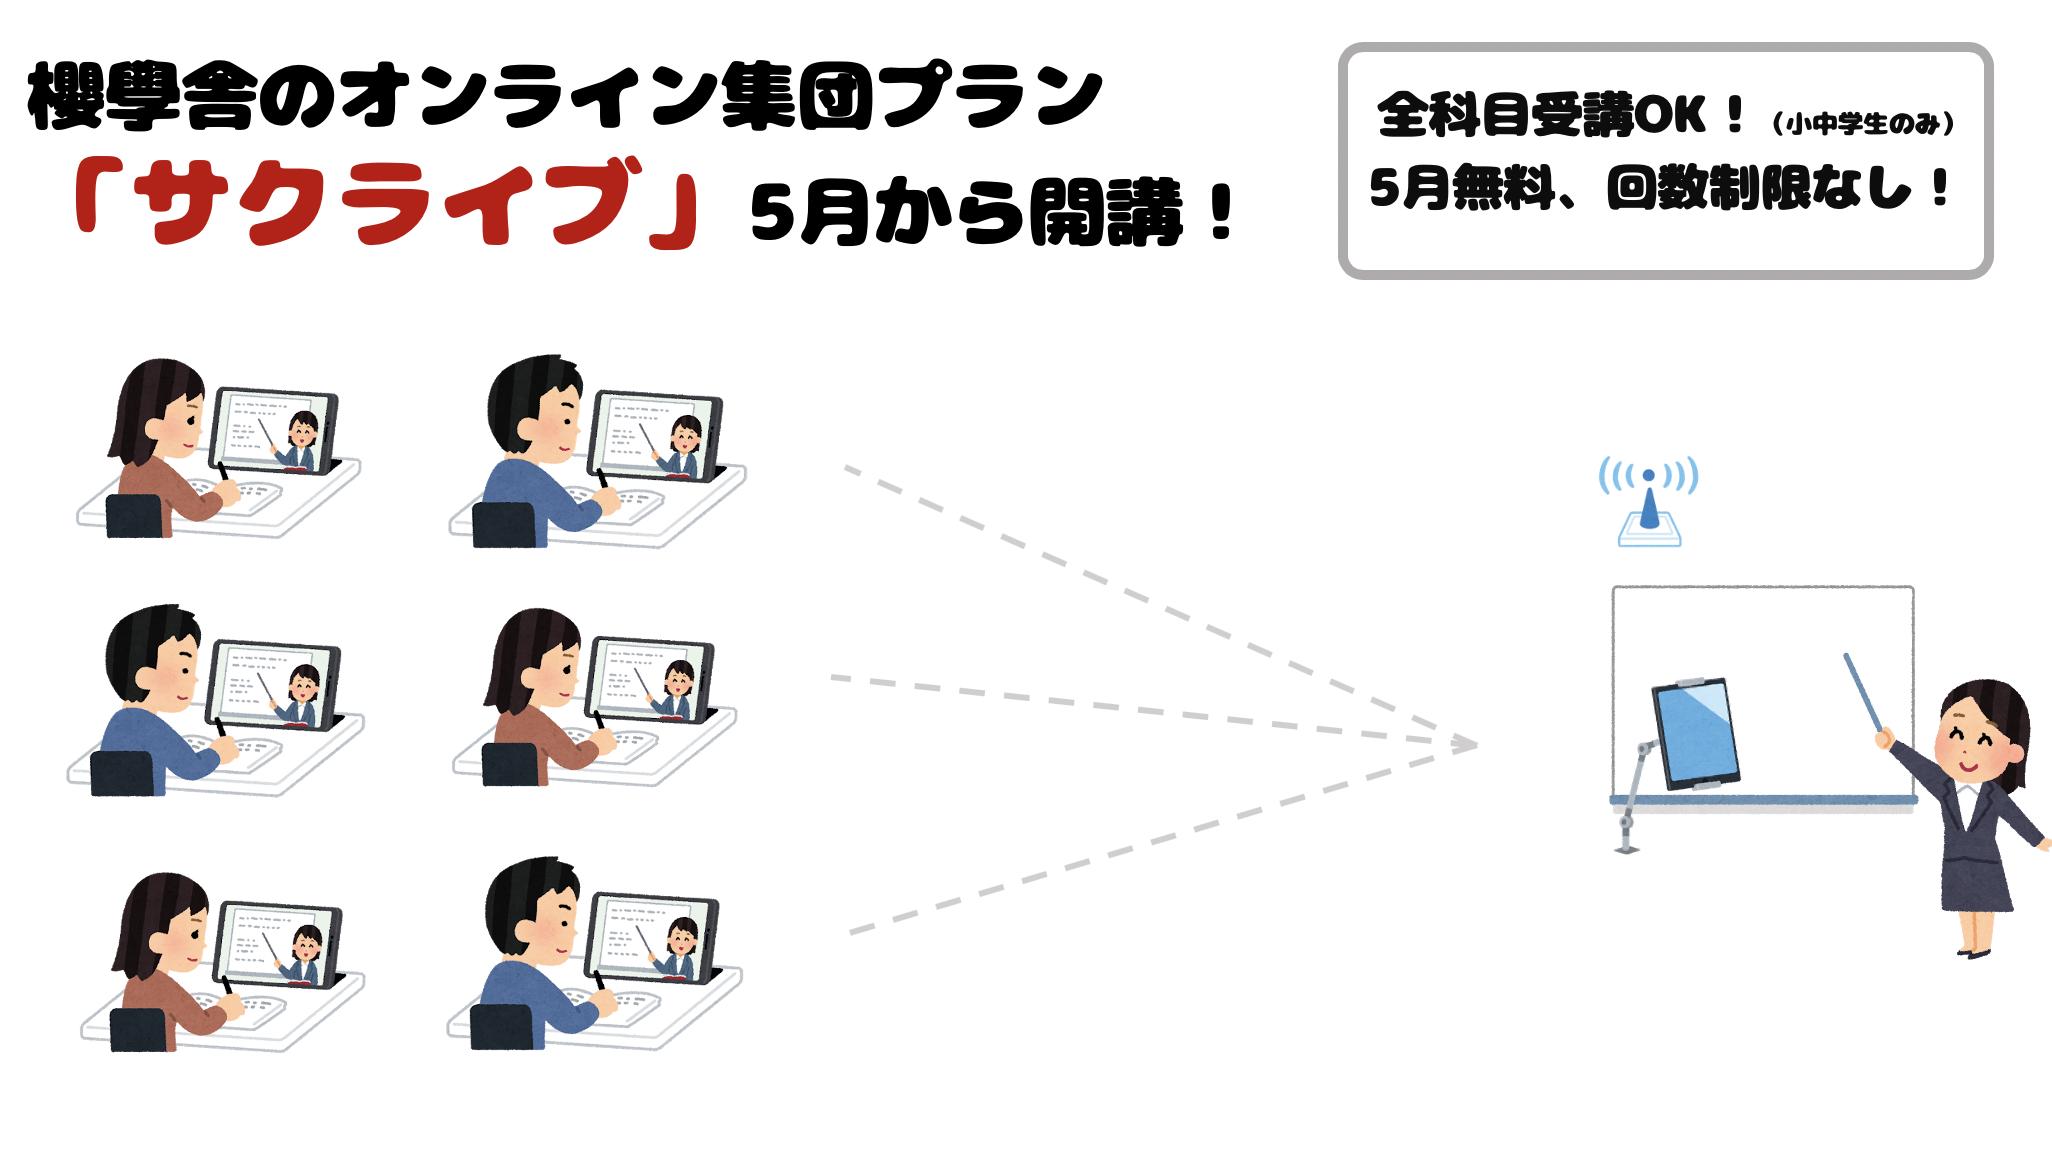 【集団オンライン授業】「サクライブ」を開講します